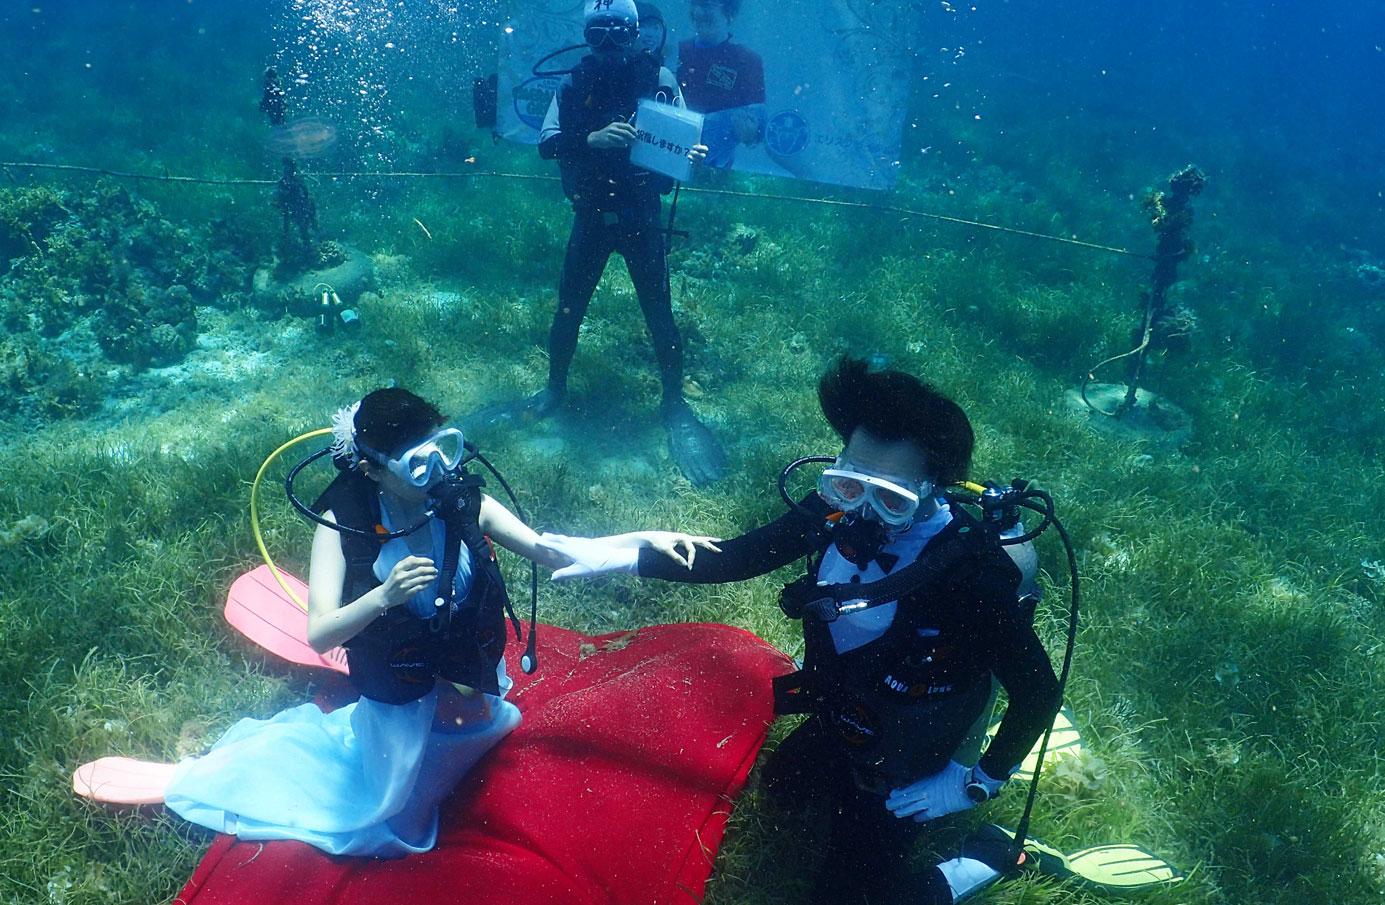 セブ島結婚式 セブウエディング 水中挙式